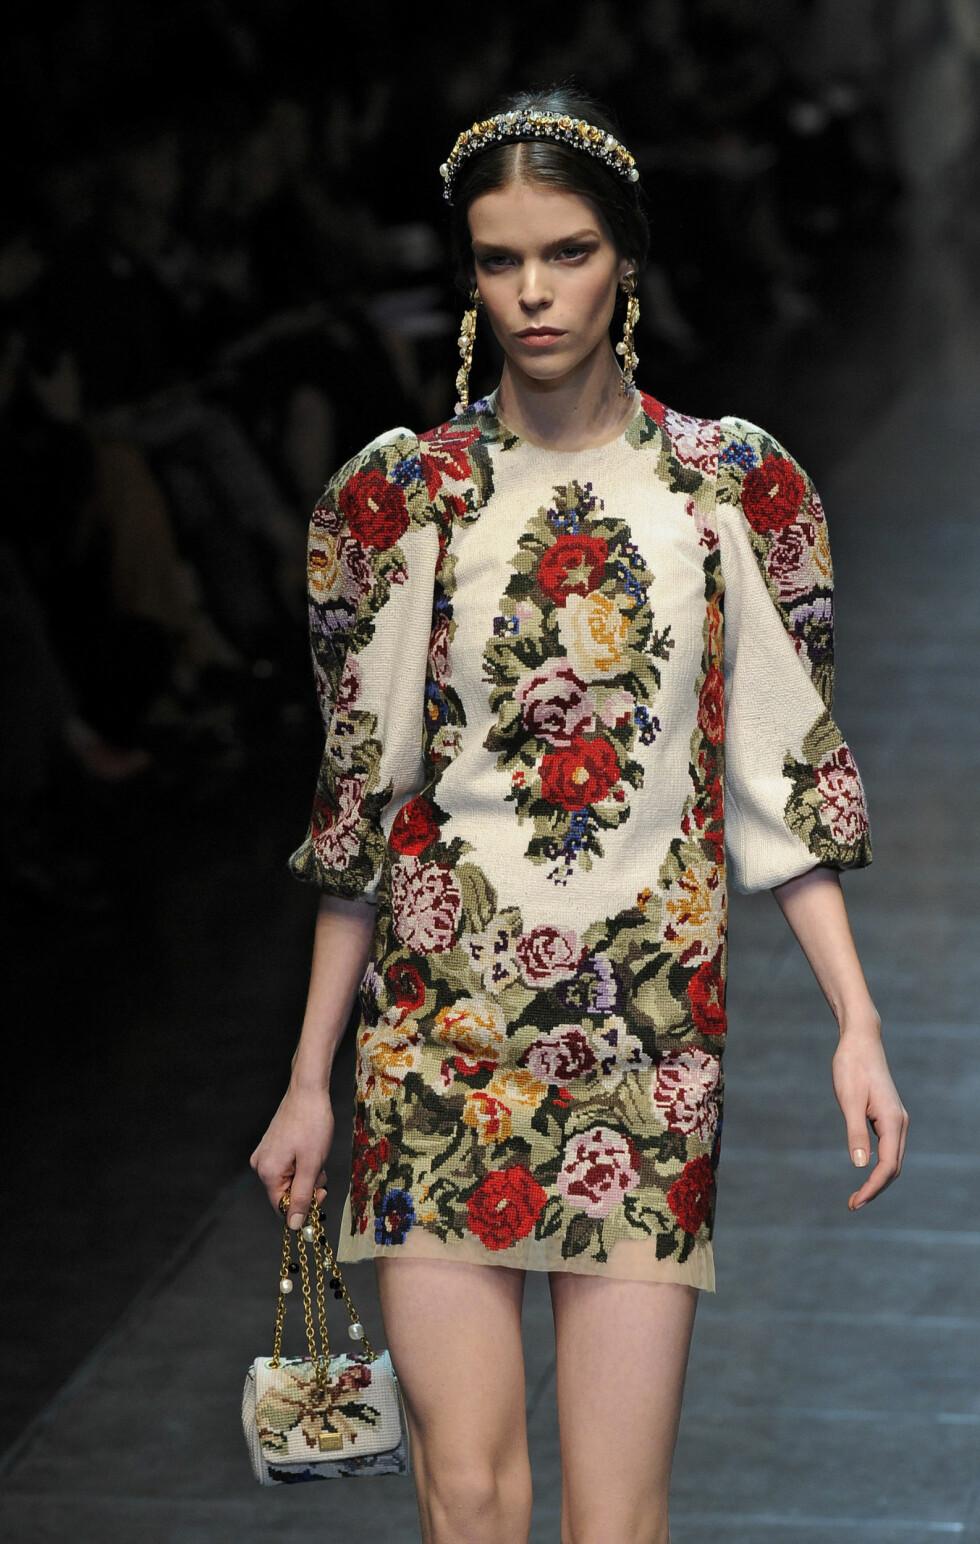 Kjolen som kan få enhver til å begynne med brodering. Blomsterdrøm fra Dolce & Gabbana.  Foto: All Over Press